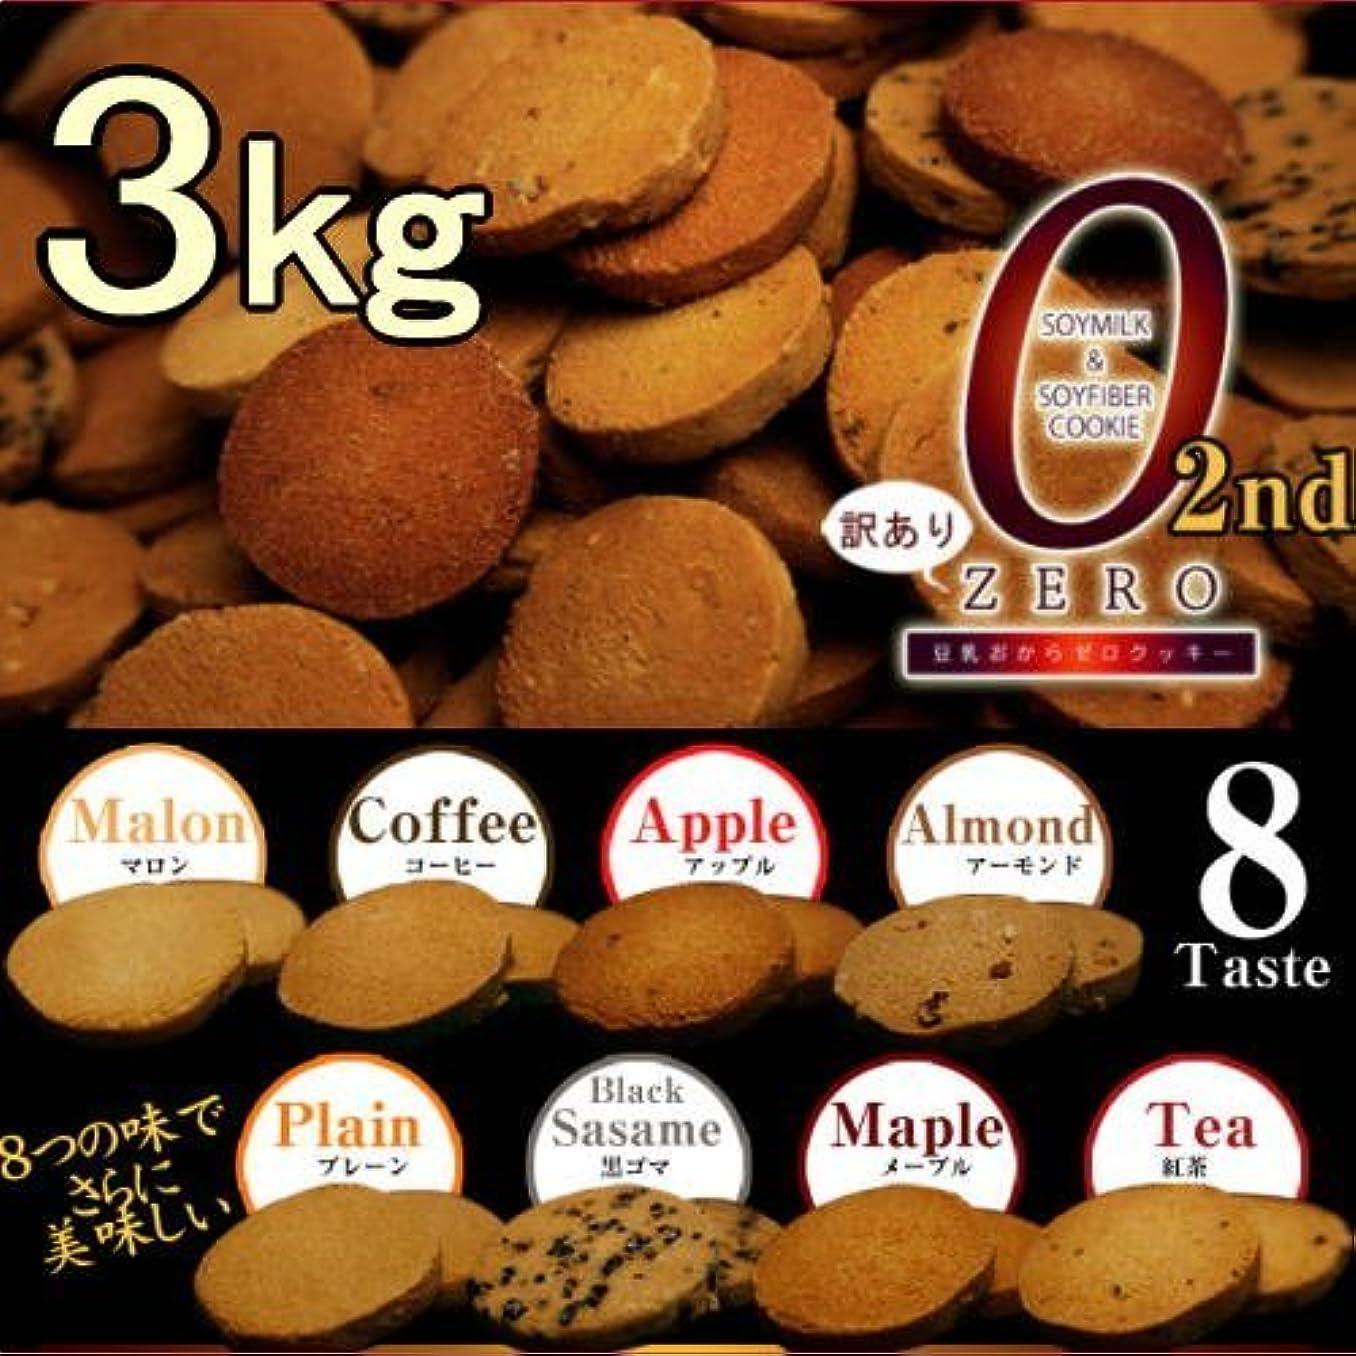 制限する賞賛するおんどり訳あり豆乳おからゼロクッキー2nd(ドーンと1kg×3箱セット)